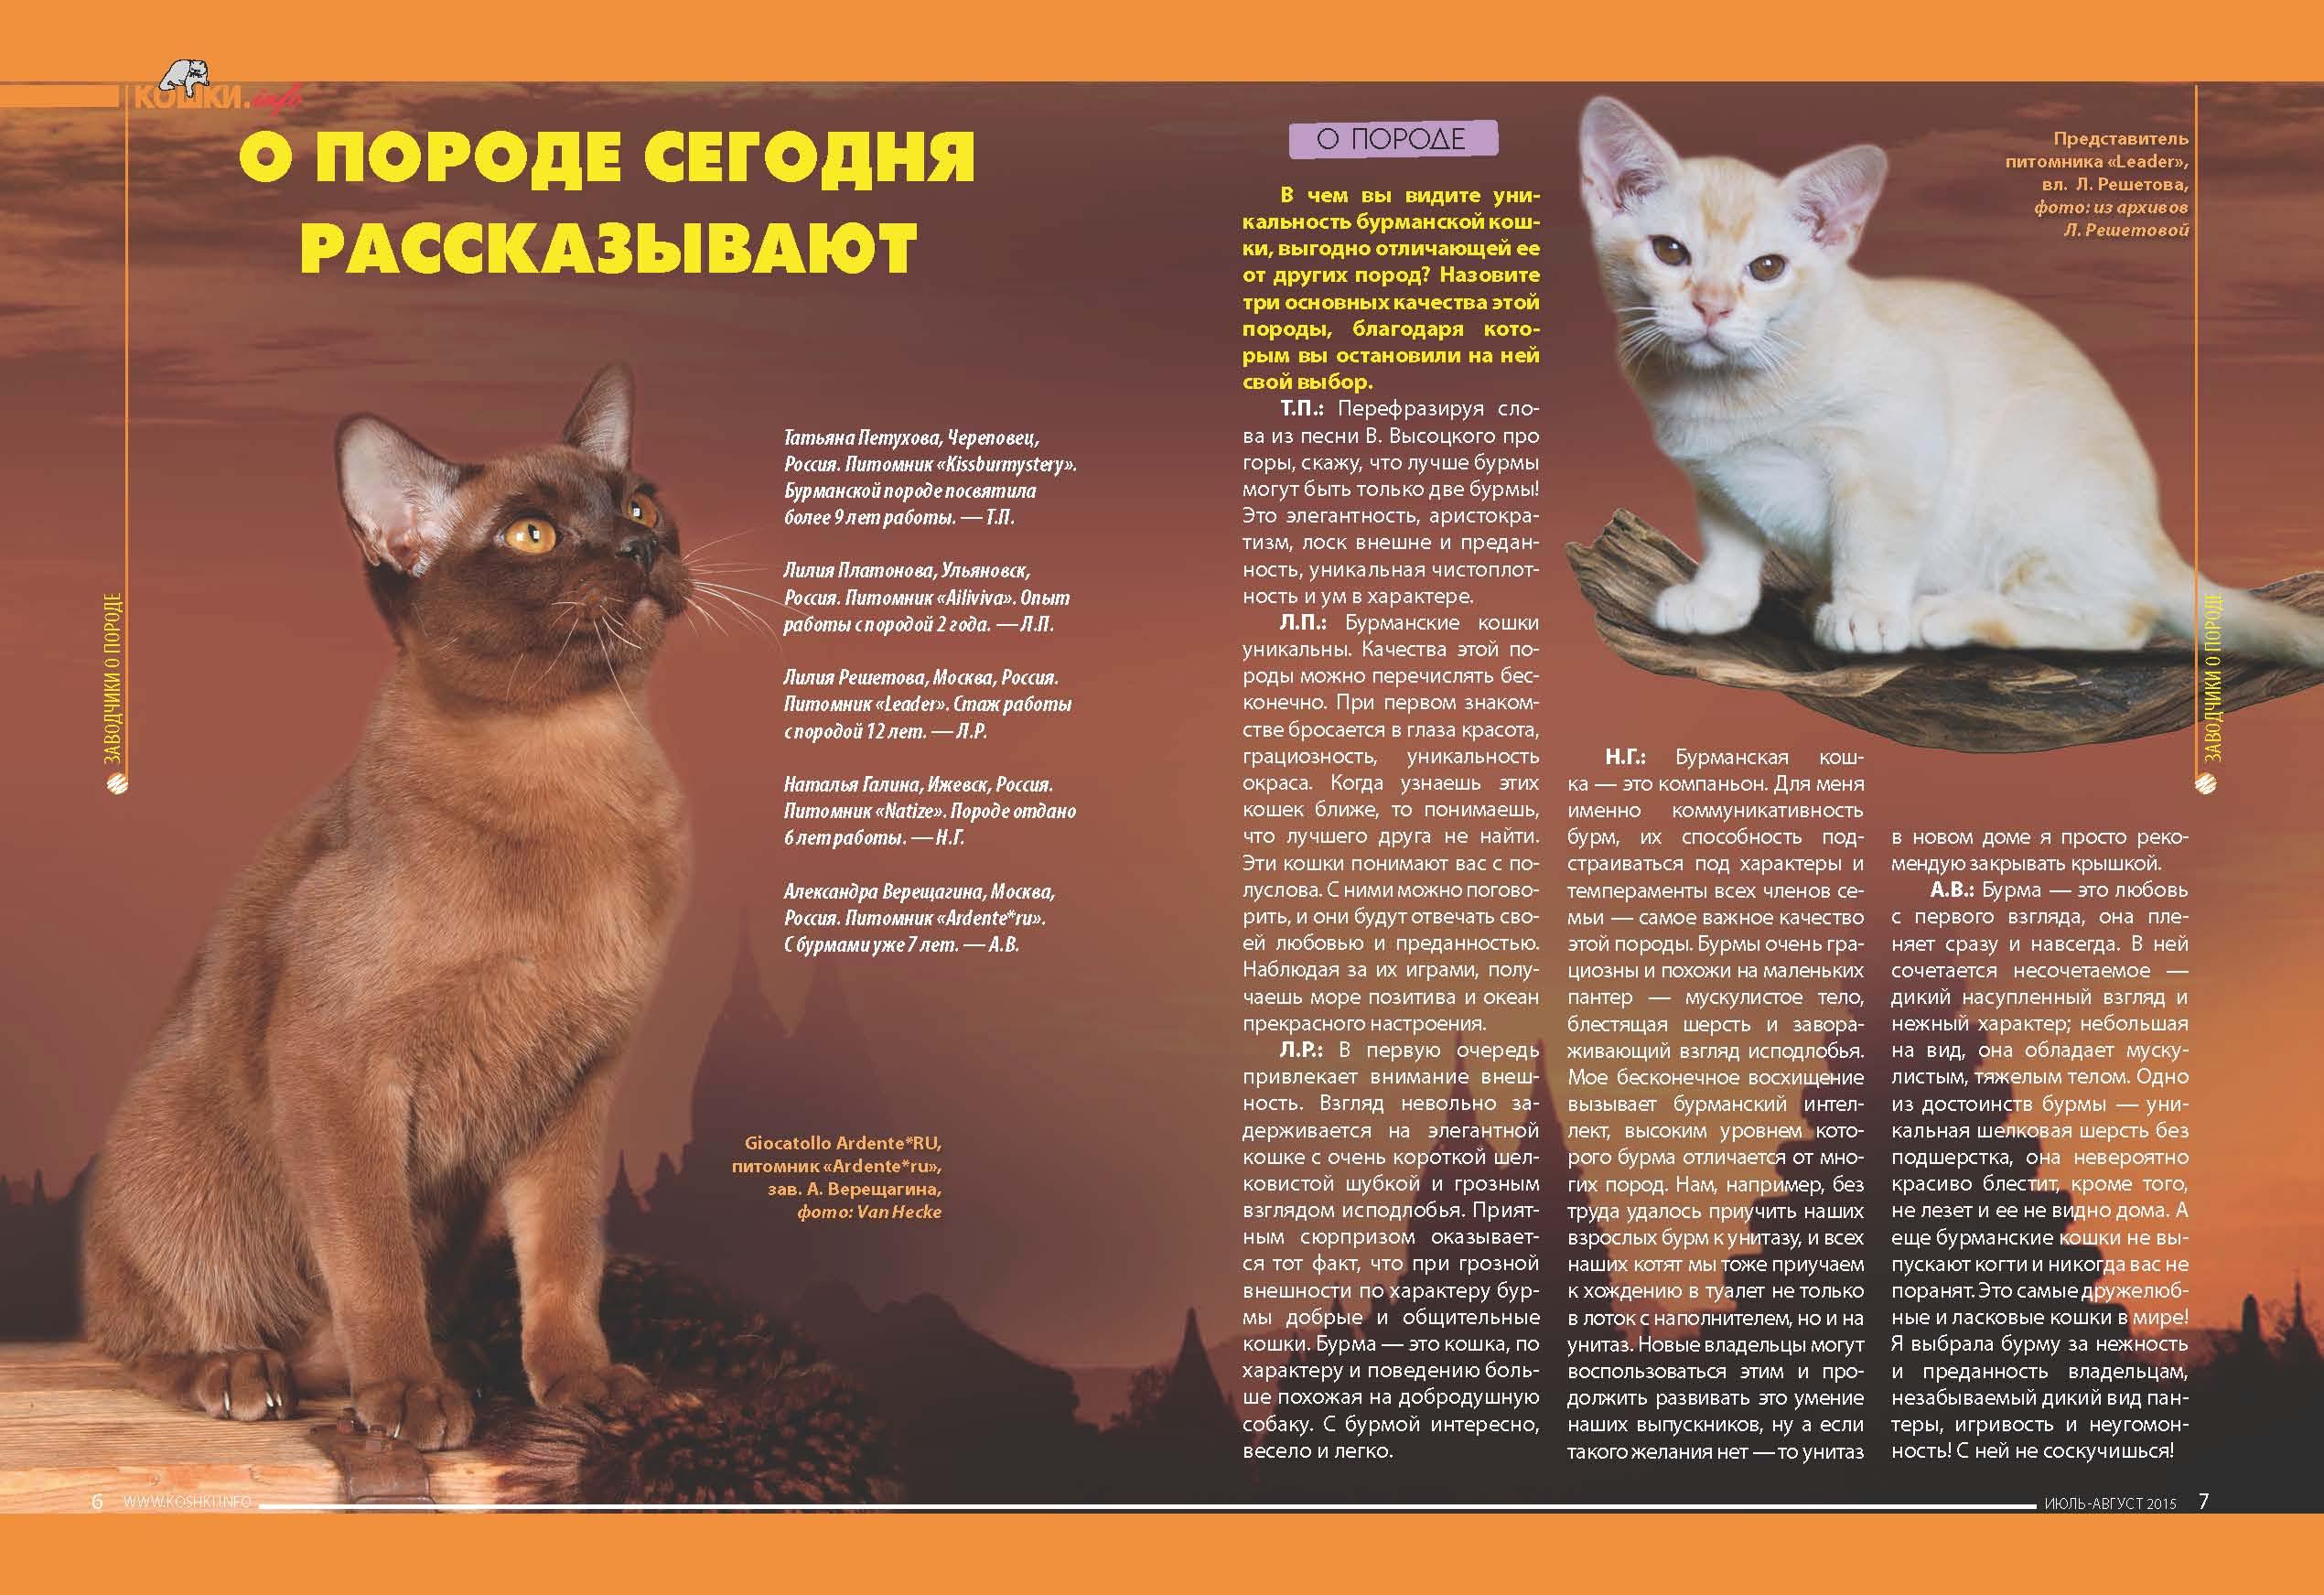 Самые злые кошки в мире: топ-10 наиболее агрессивных и злопамятных пород